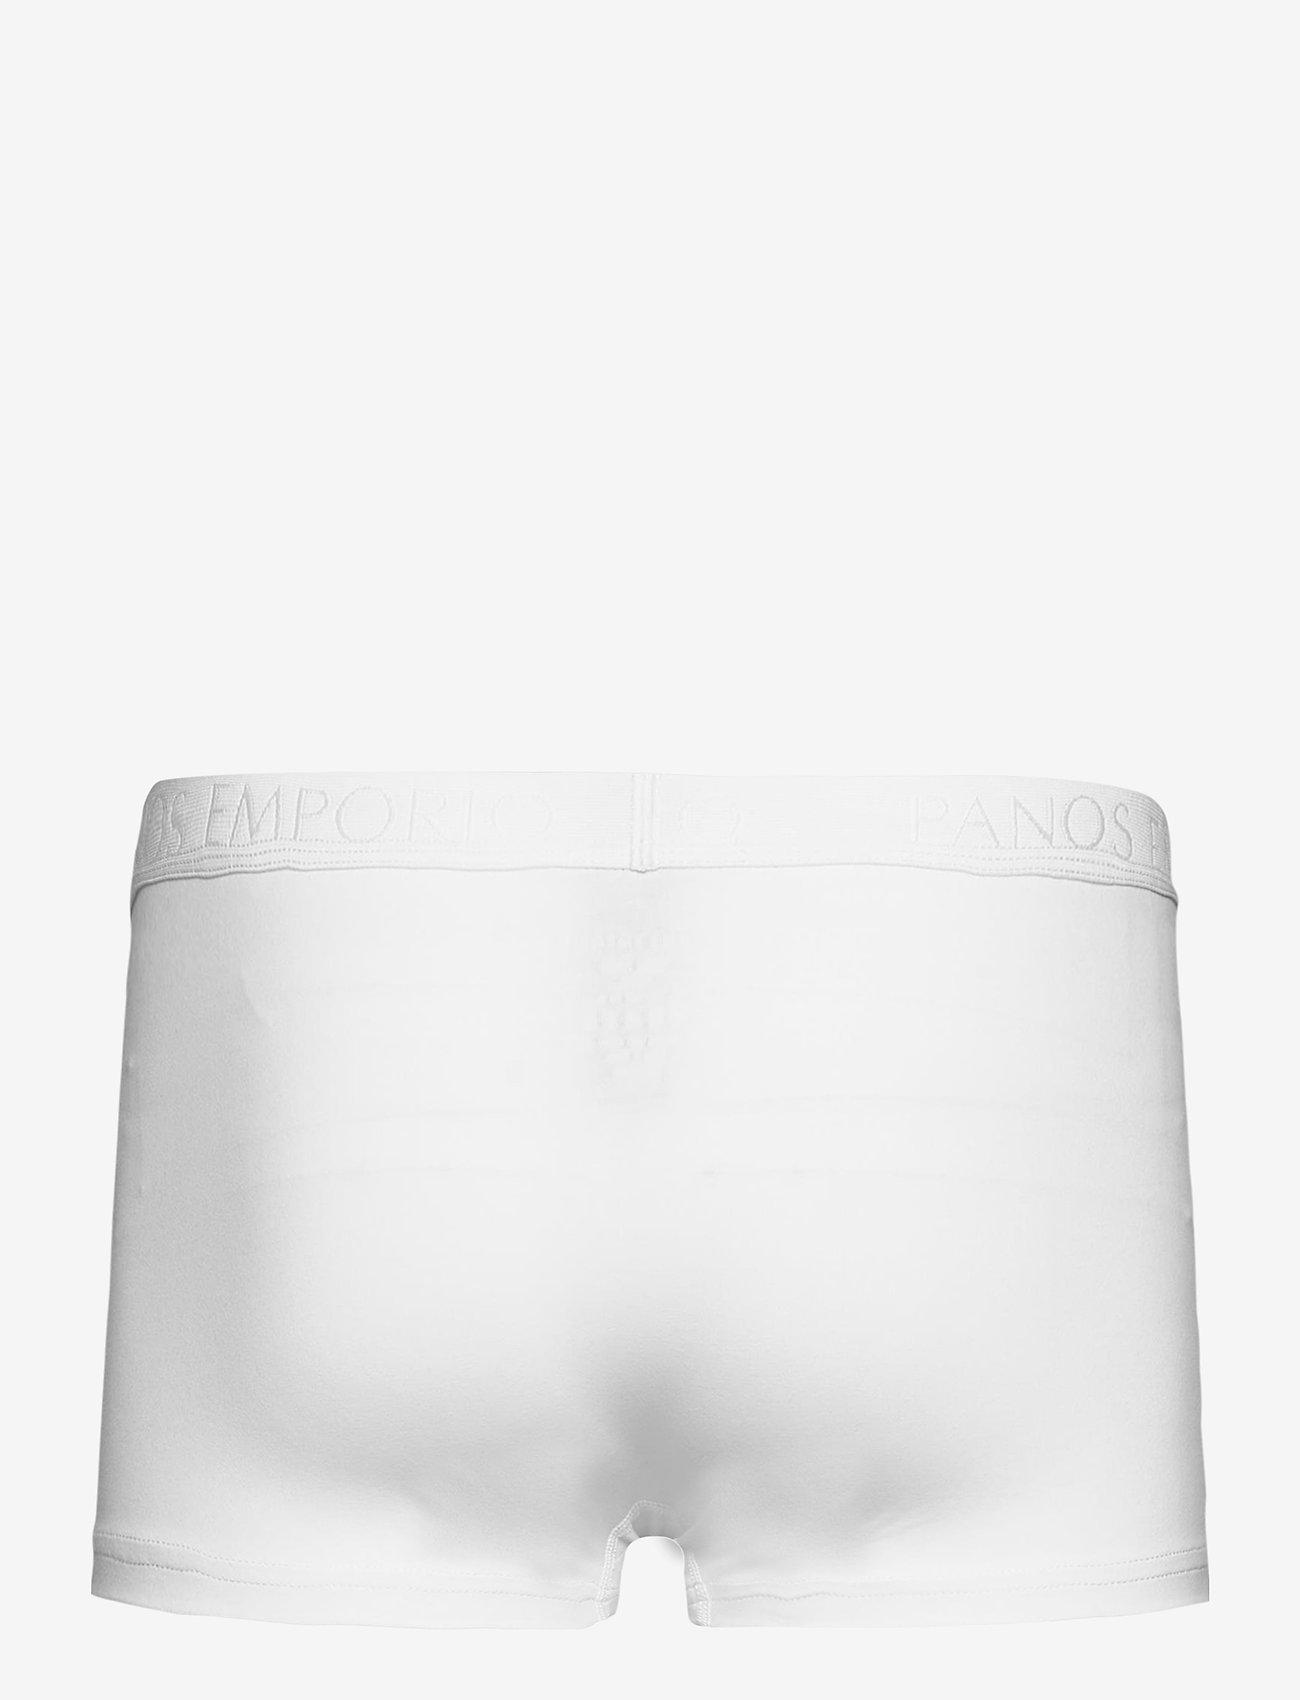 Panos Emporio - PANOS EMPORIO ORGANIC COTTON TRUNK - caleçon - white - 2